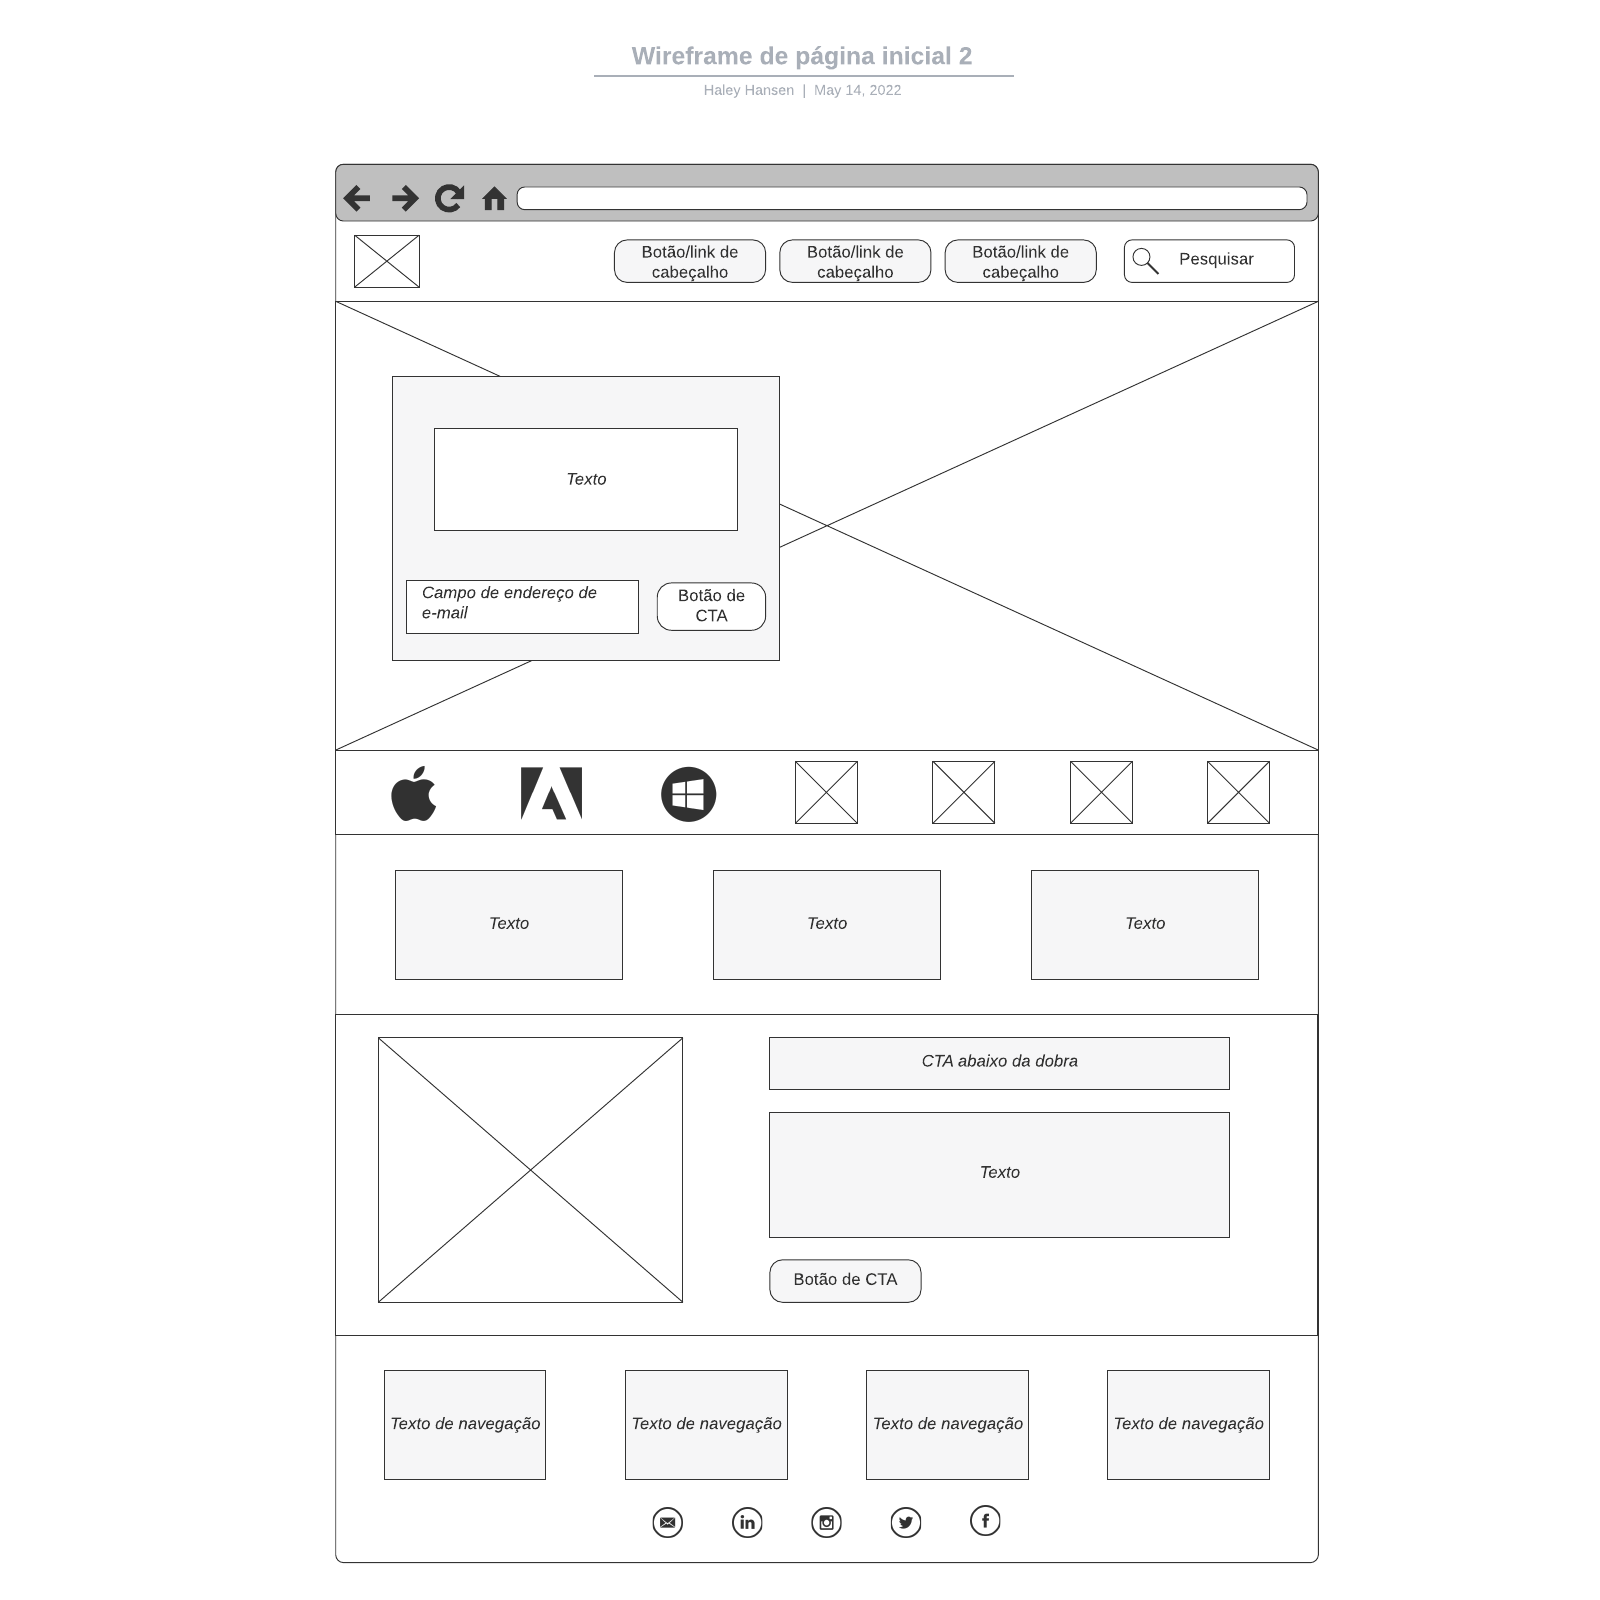 Wireframe de página inicial 2